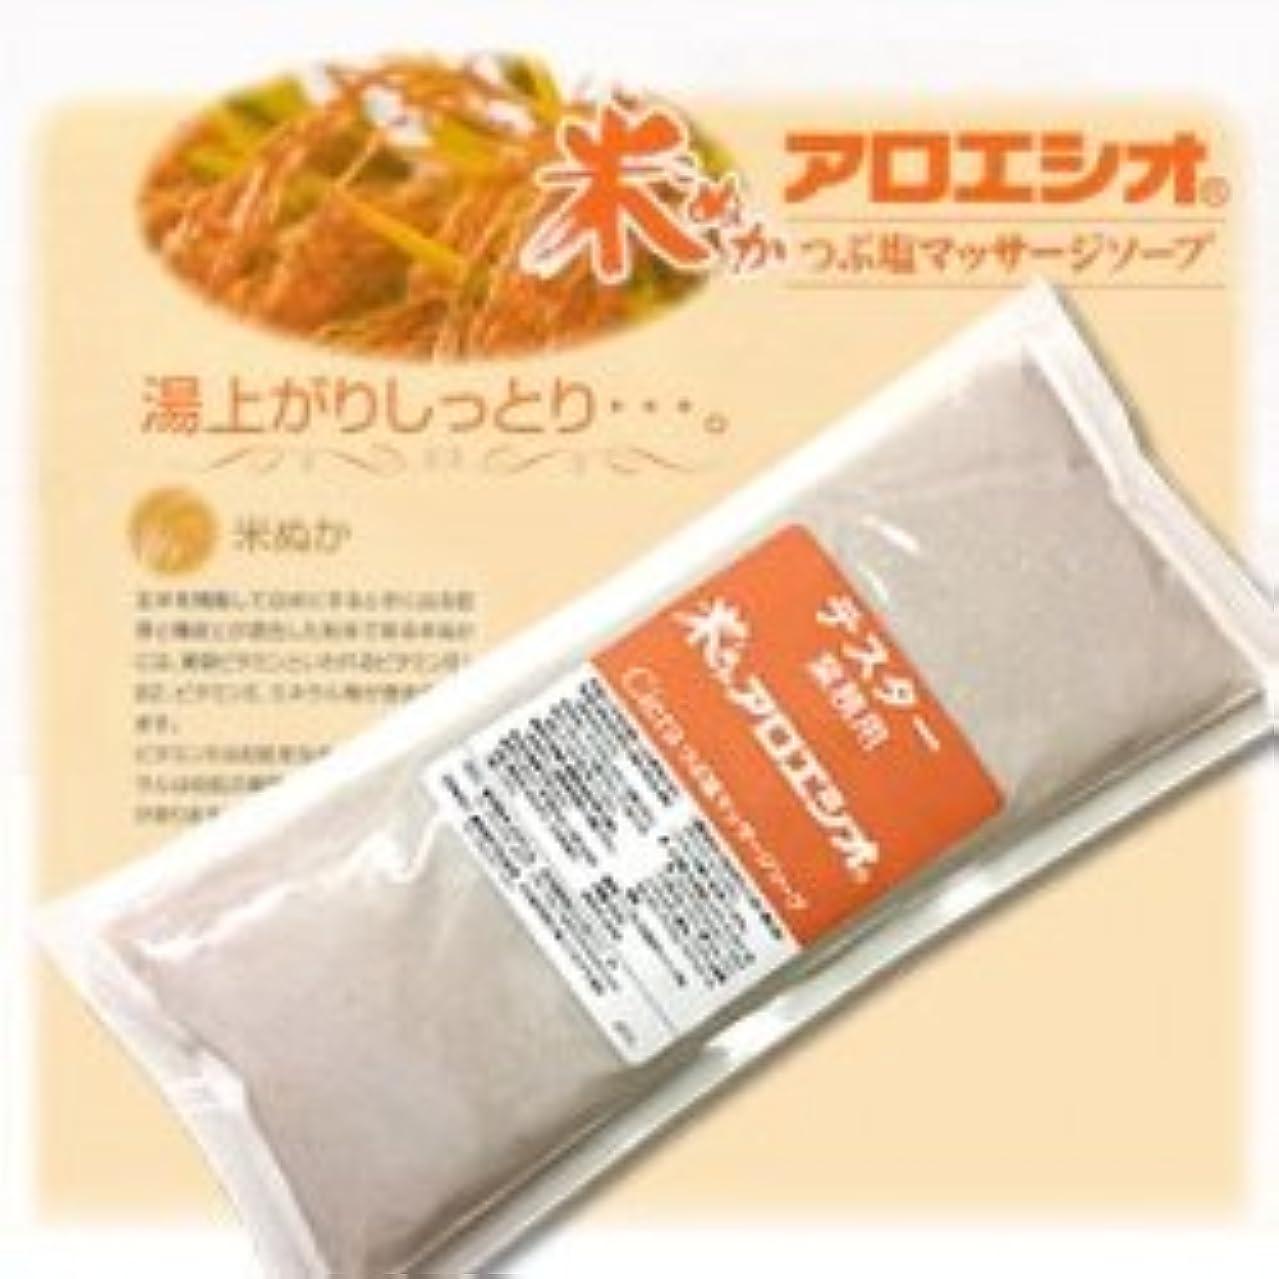 業務用米ぬかアロエ塩 800g つぶ塩マッサージソープ/ フタバ化学 アロエシオ Ciera